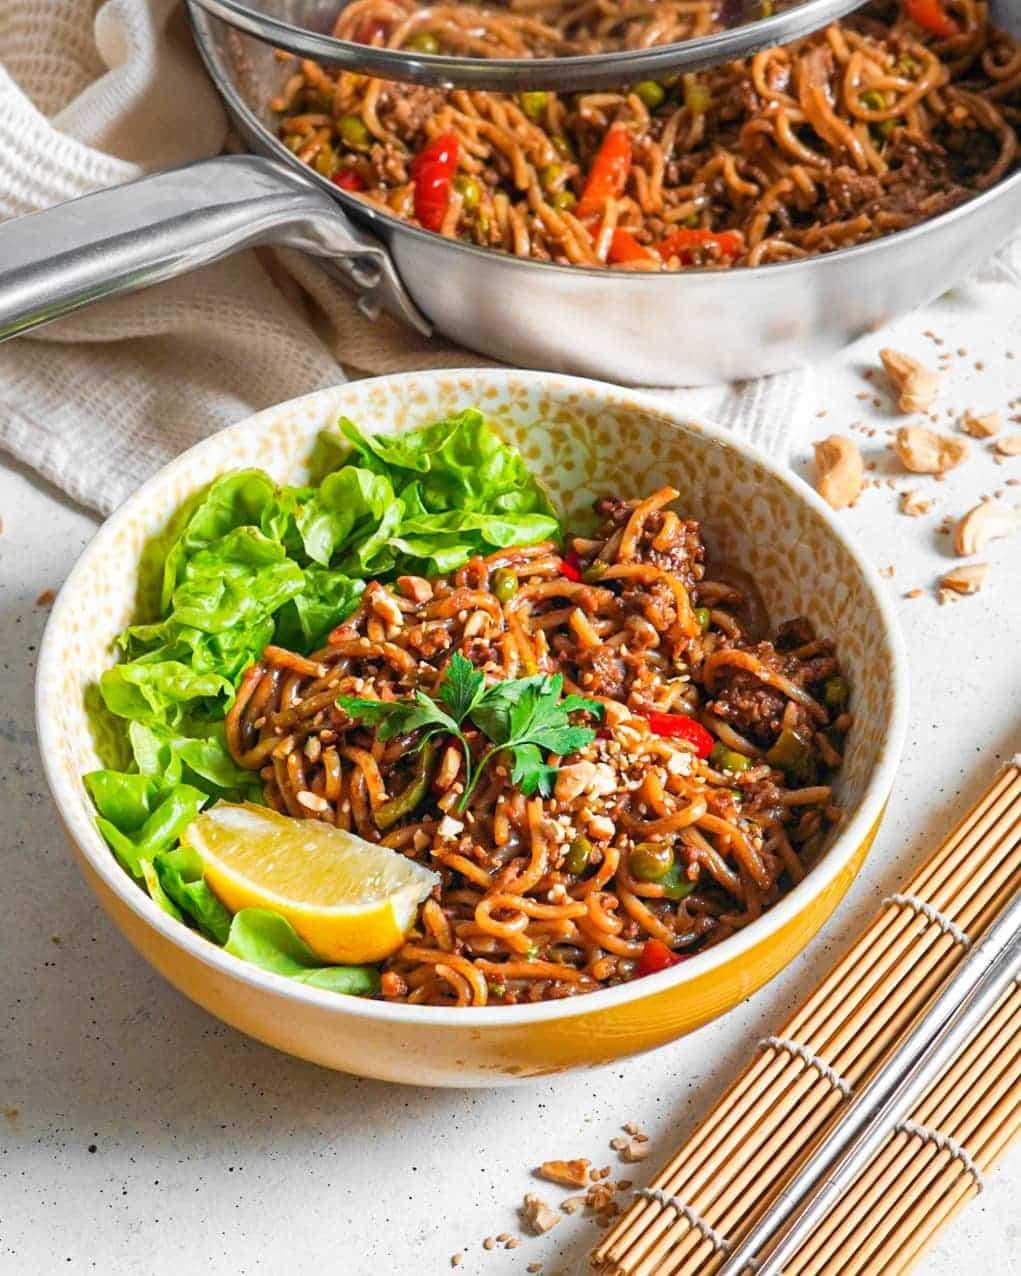 Recette nouilles udon sautées aux légumes